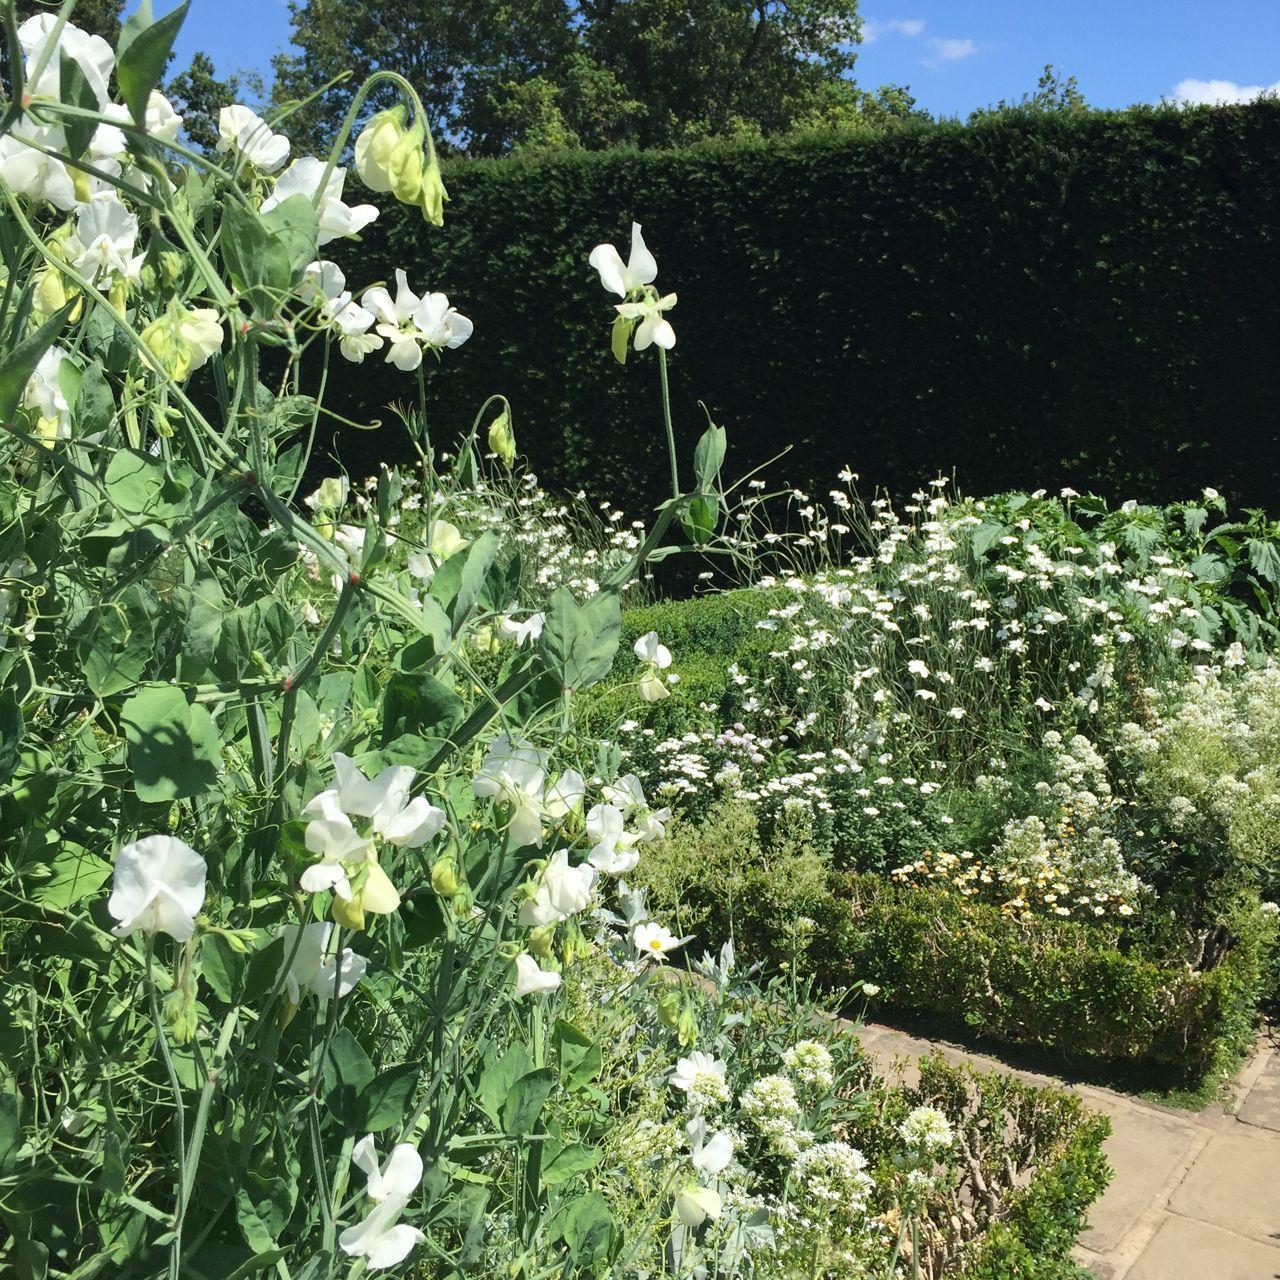 Sissinghurst's famous white garden